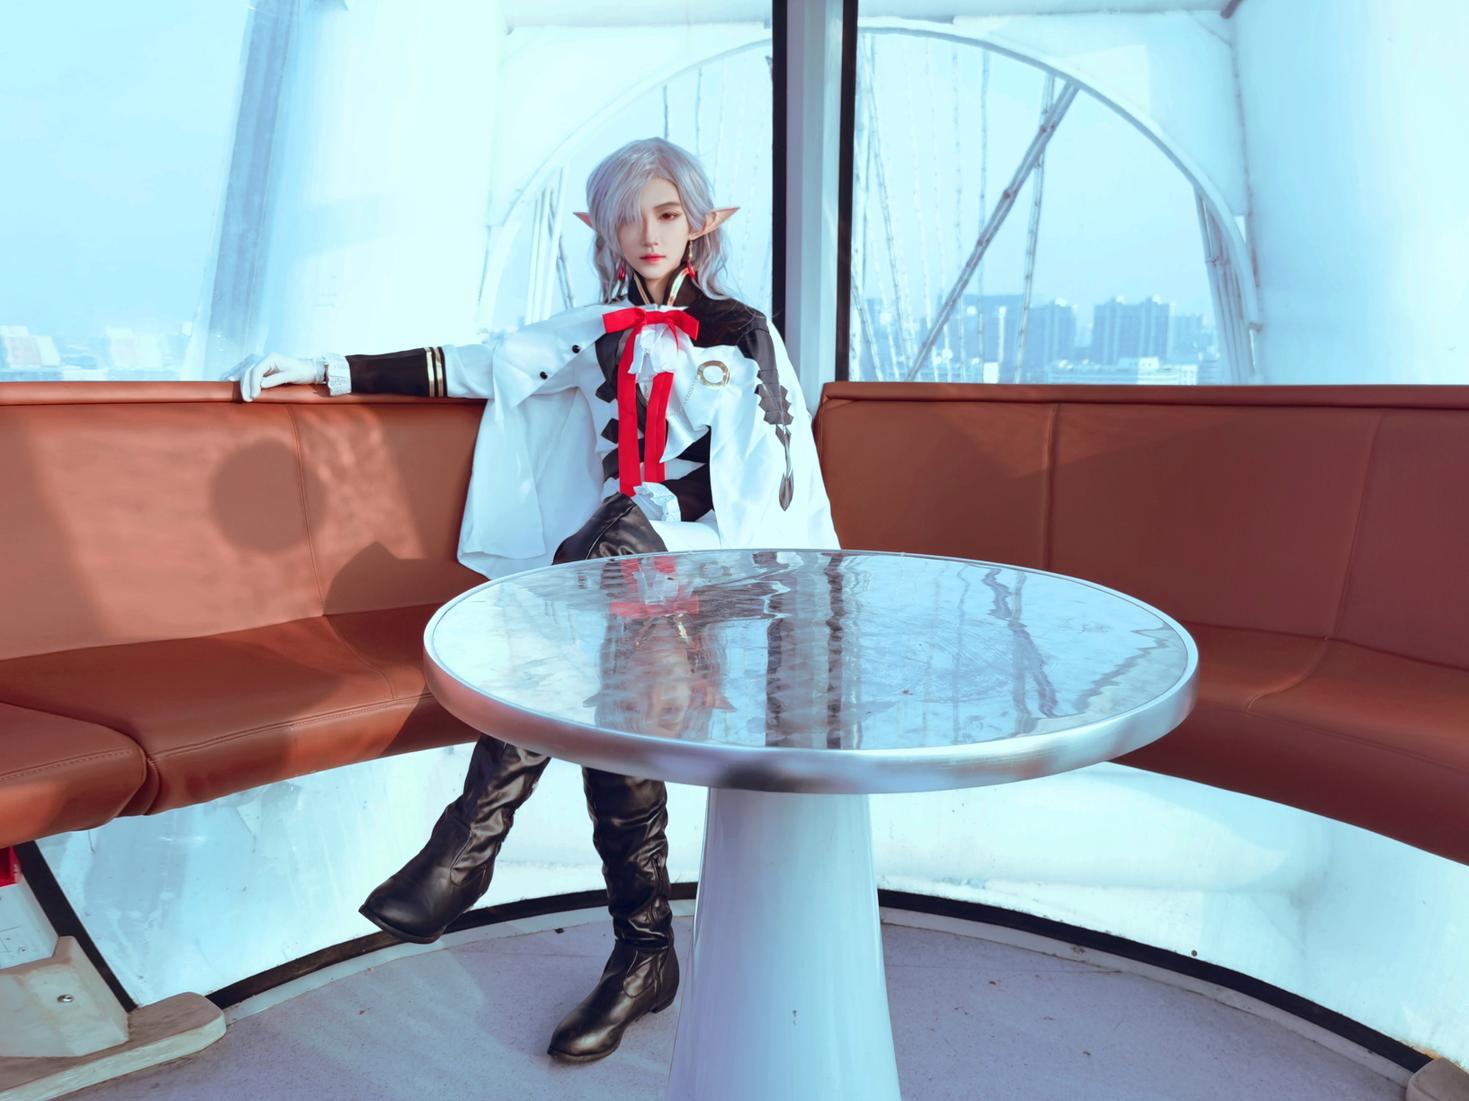 《终结的炽天使》终结的炽天使费娘cosplay【CN:君莫笑笑笑笑笑啊】-第3张